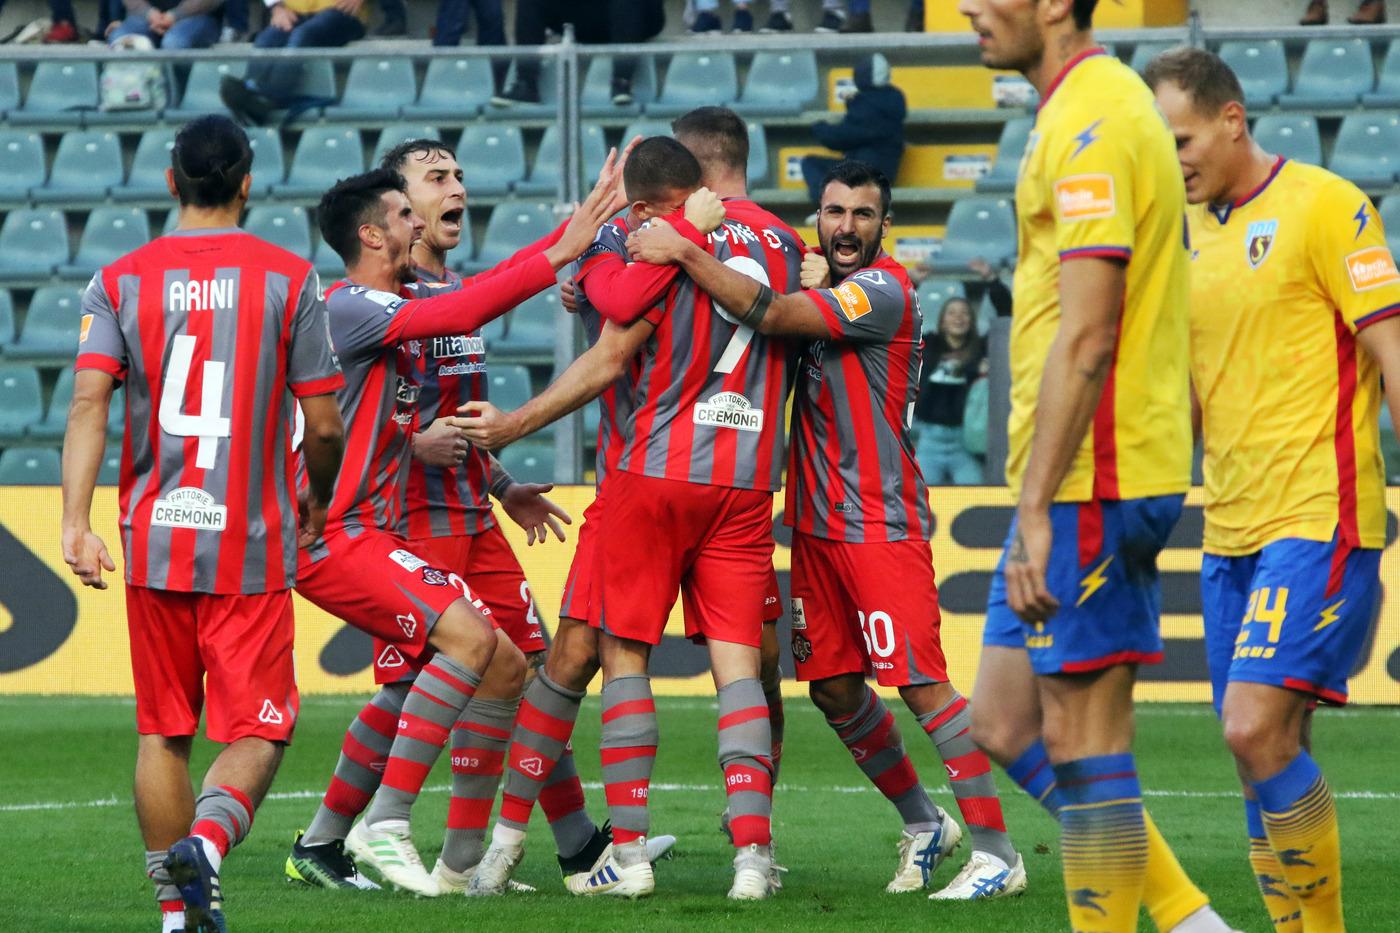 Pronostico Cremonese-Empoli 3 marzo: le quote di Serie B